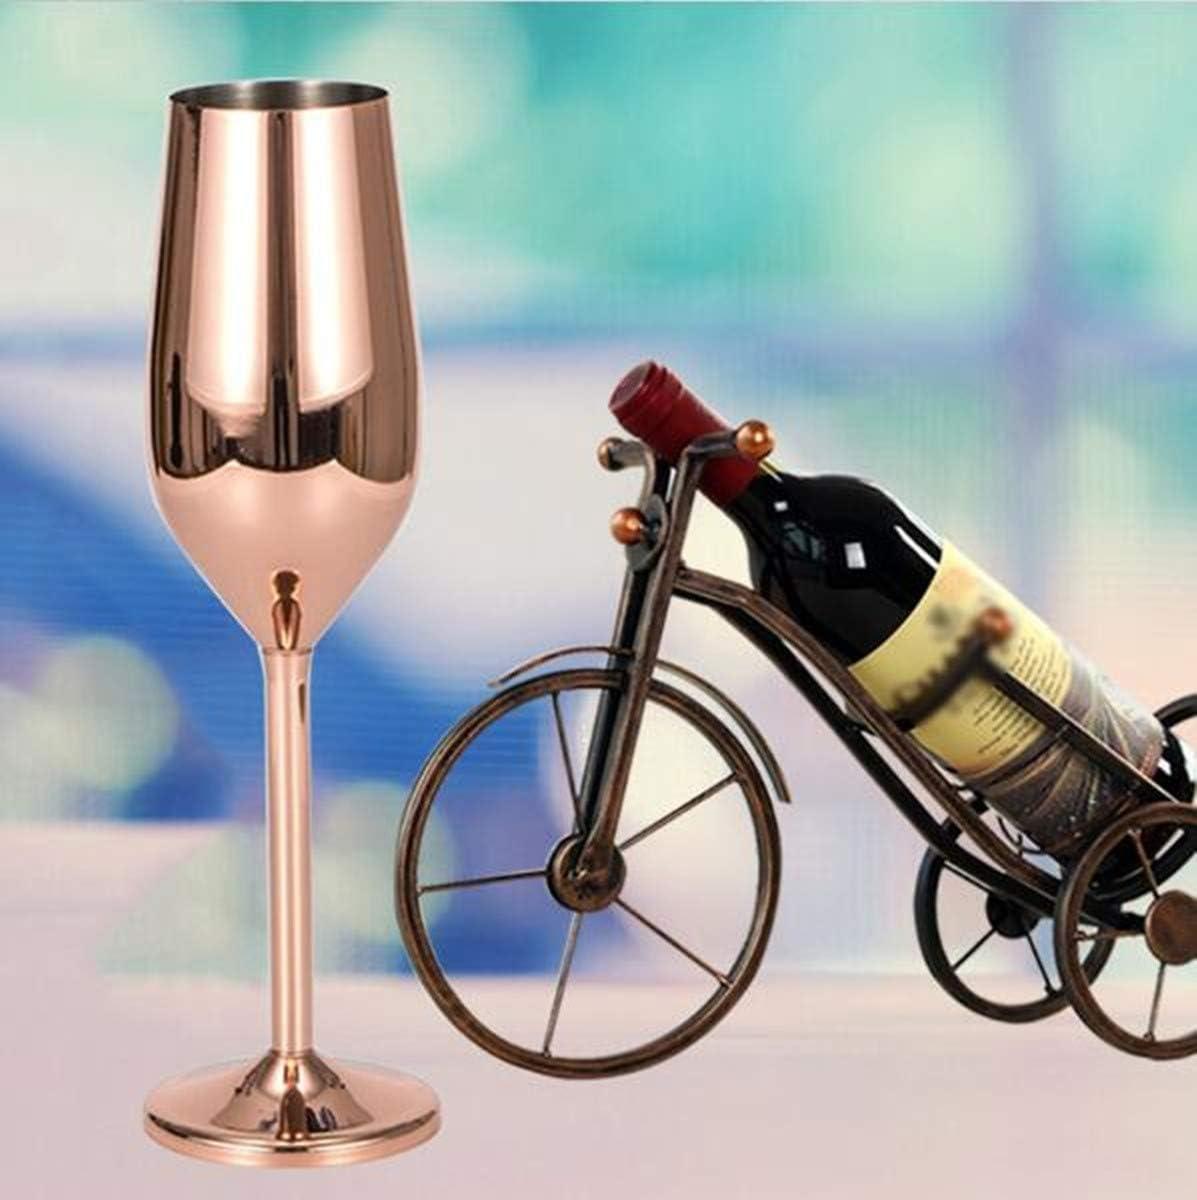 3 Farben silberfarben BPA-frei f/ür Hochzeit Partys und Jahrestag Edelstahl Sektgl/äser Edelstahl 200 ml 200 ml unzerbrechlich